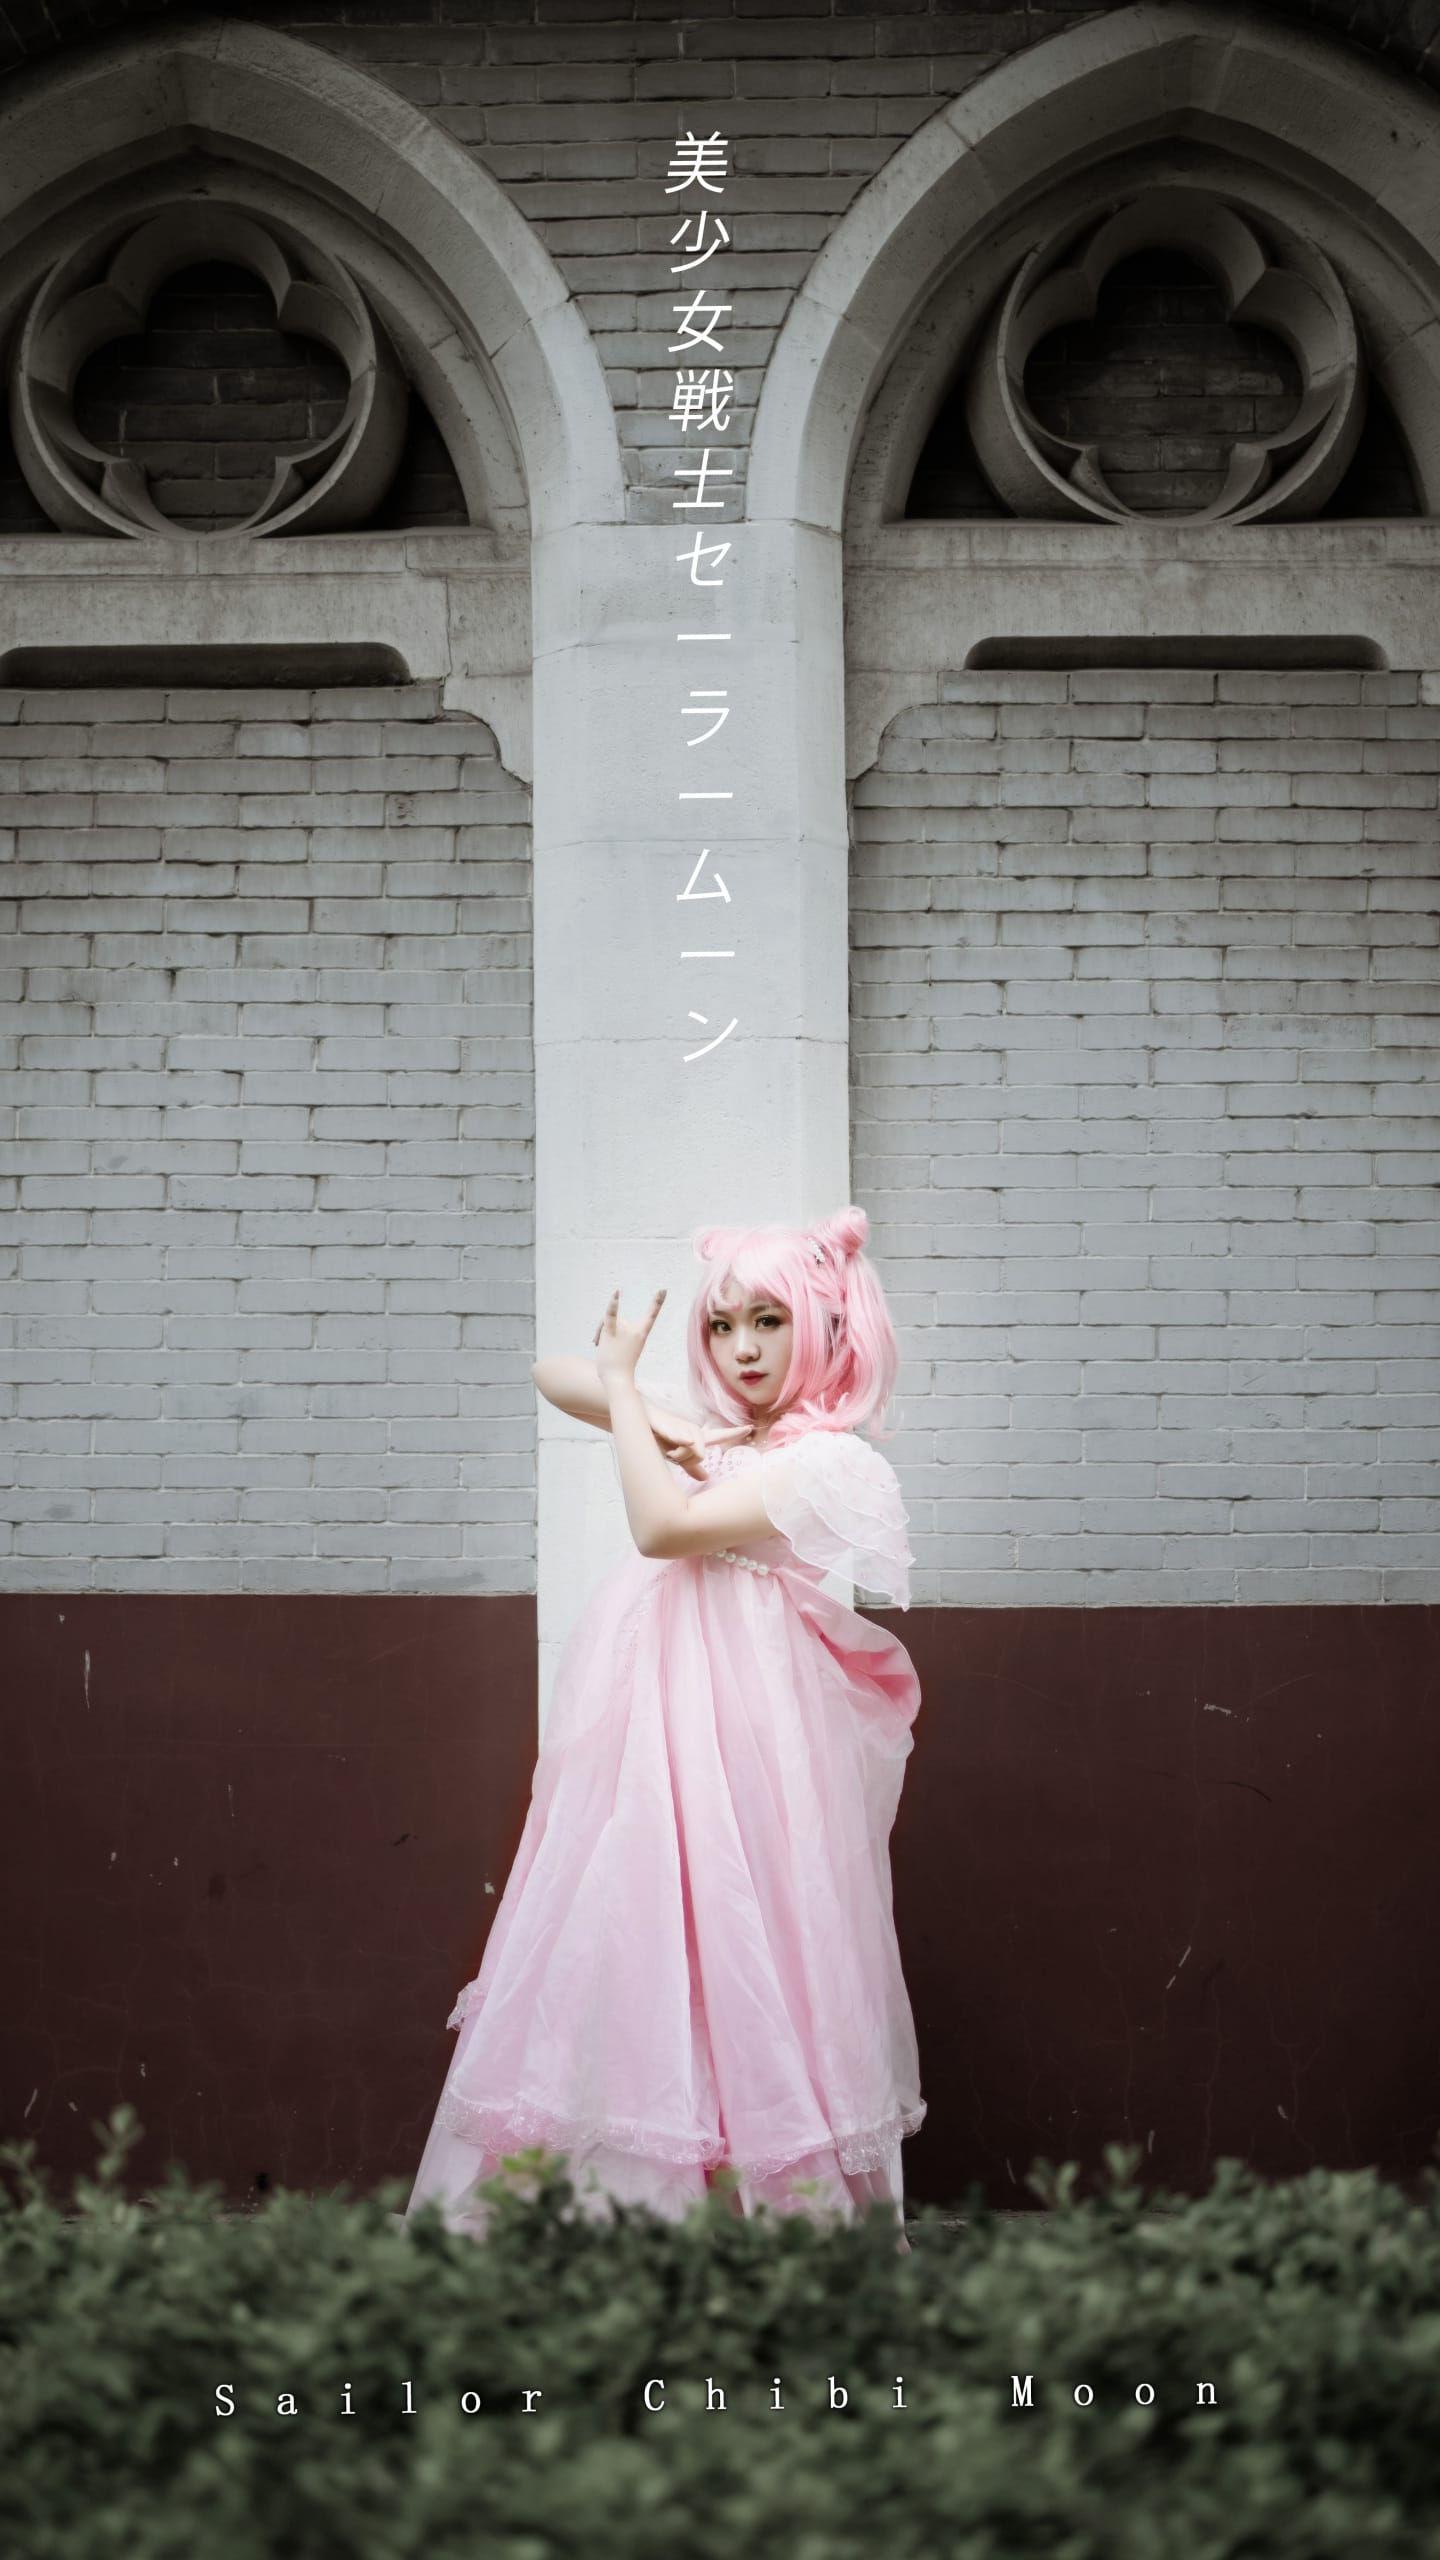 《美少女战士》小小兔插画礼服cosplay插图(7)